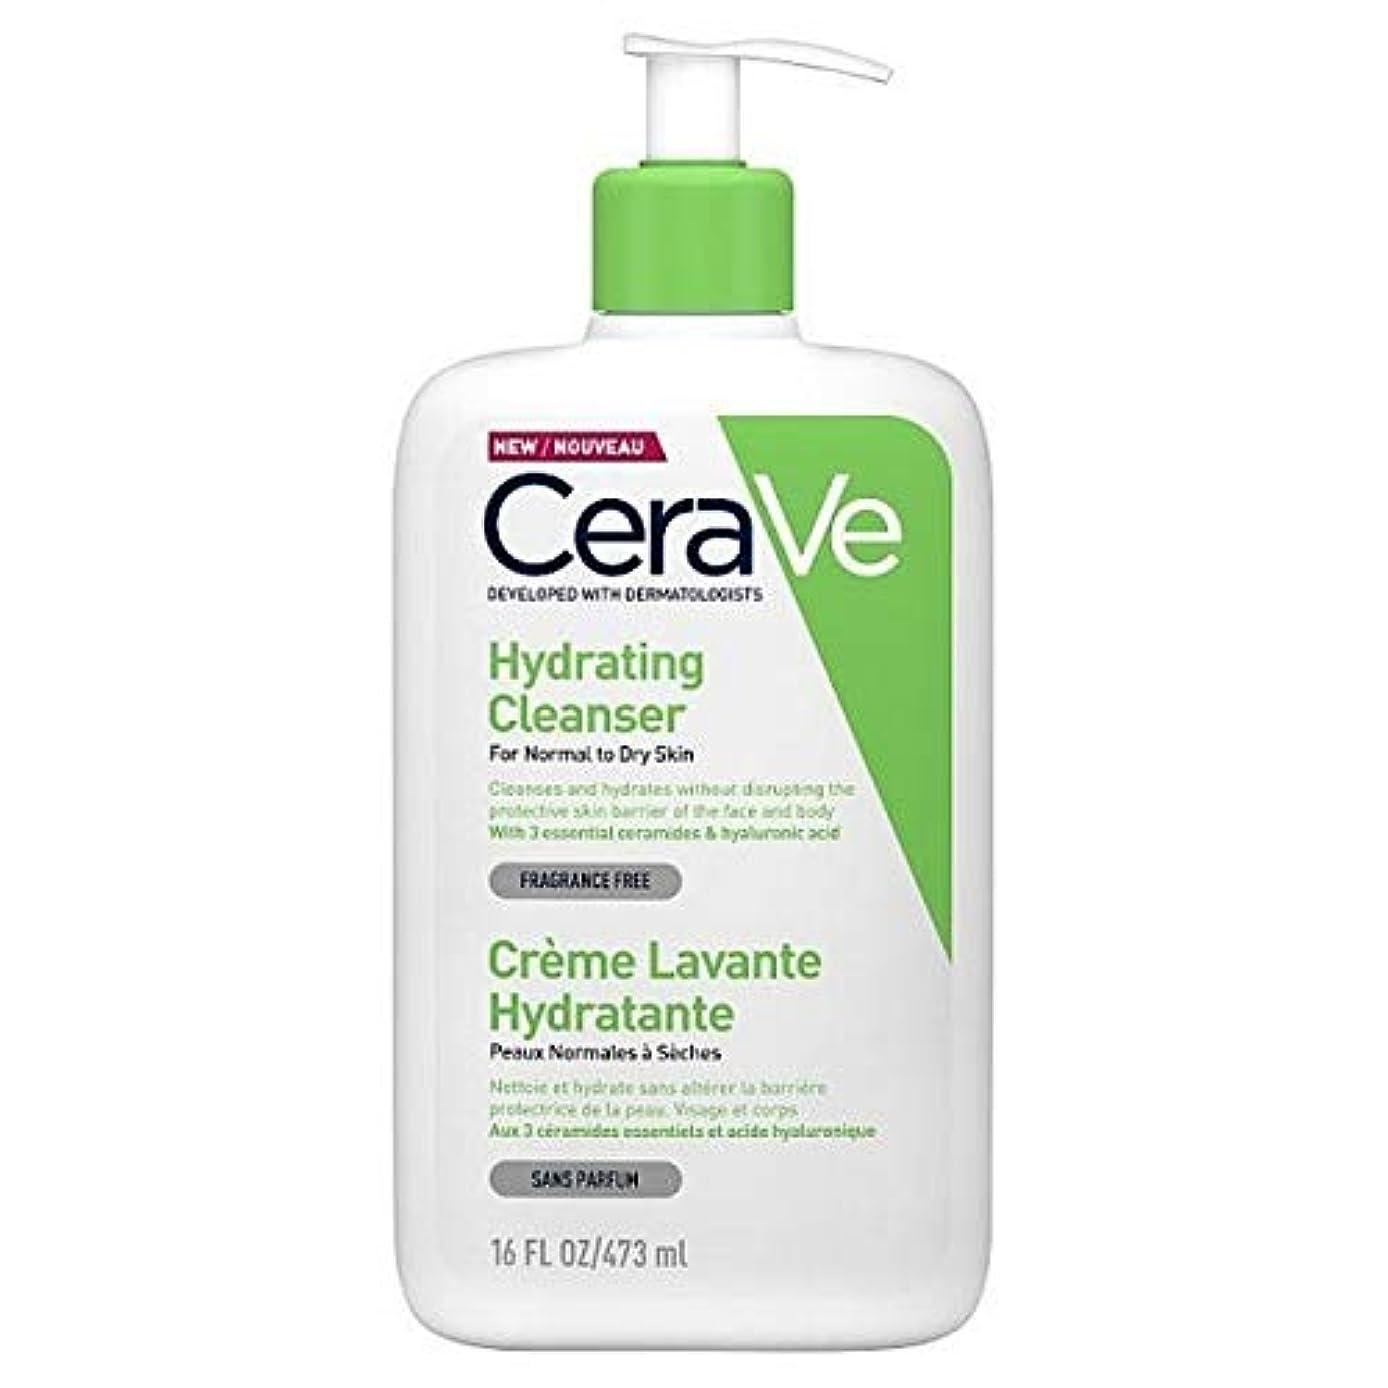 非アクティブ理容師擬人[CeraVe] Cerave水和クレンザー473ミリリットル - CeraVe Hydrating Cleanser 473ml [並行輸入品]